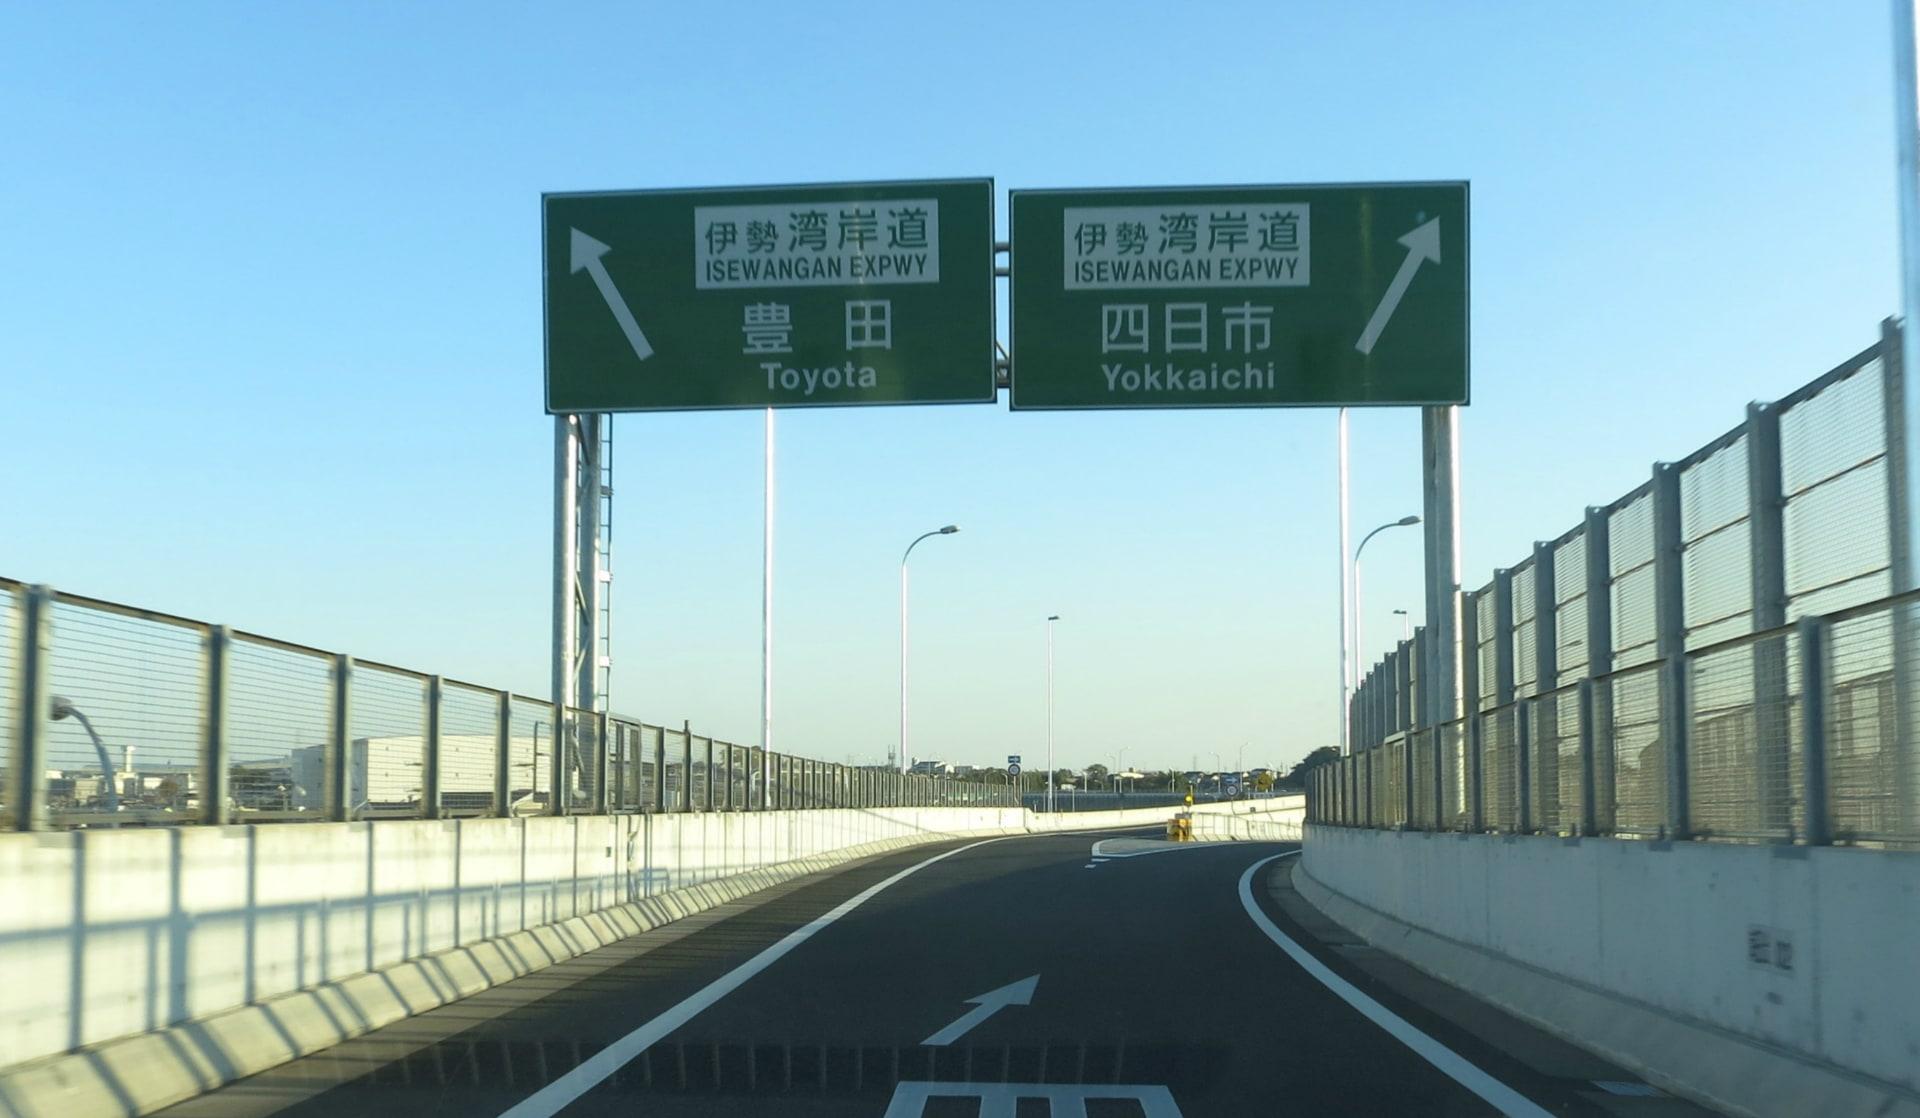 名古屋高速4号東海線 開通レビュ...